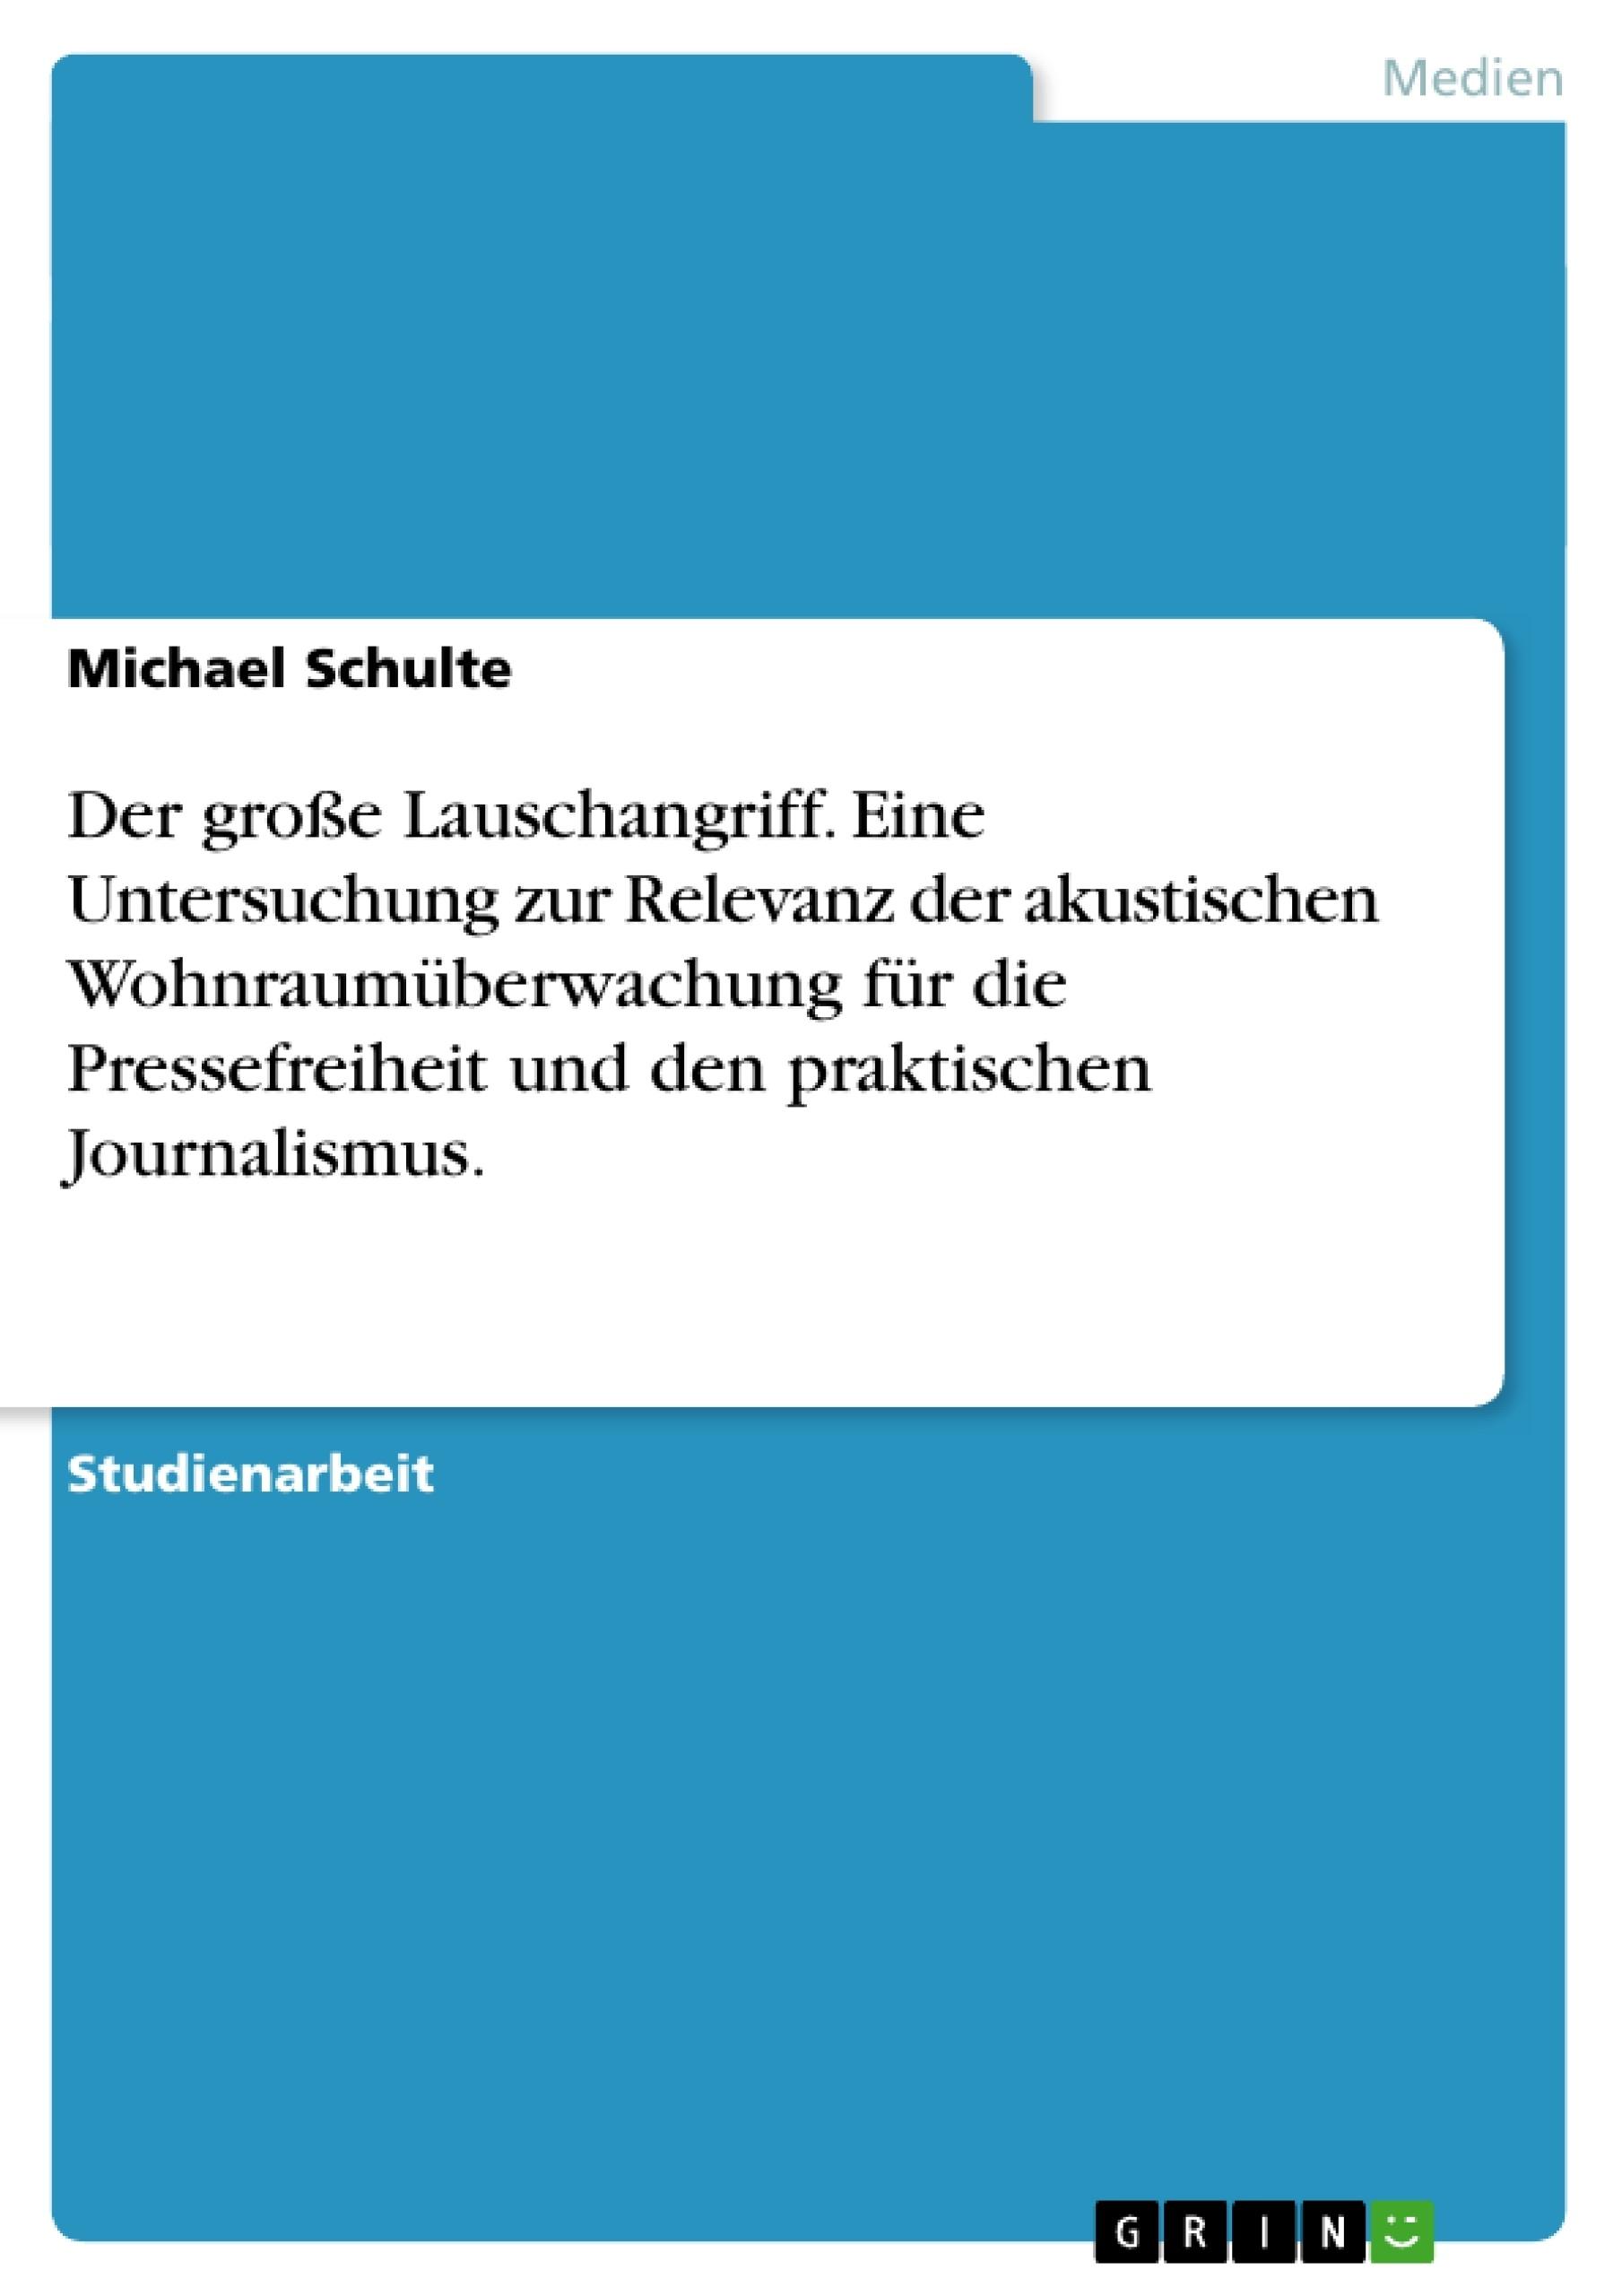 Titel: Der große Lauschangriff. Eine Untersuchung zur Relevanz der akustischen Wohnraumüberwachung für die Pressefreiheit und den praktischen Journalismus.